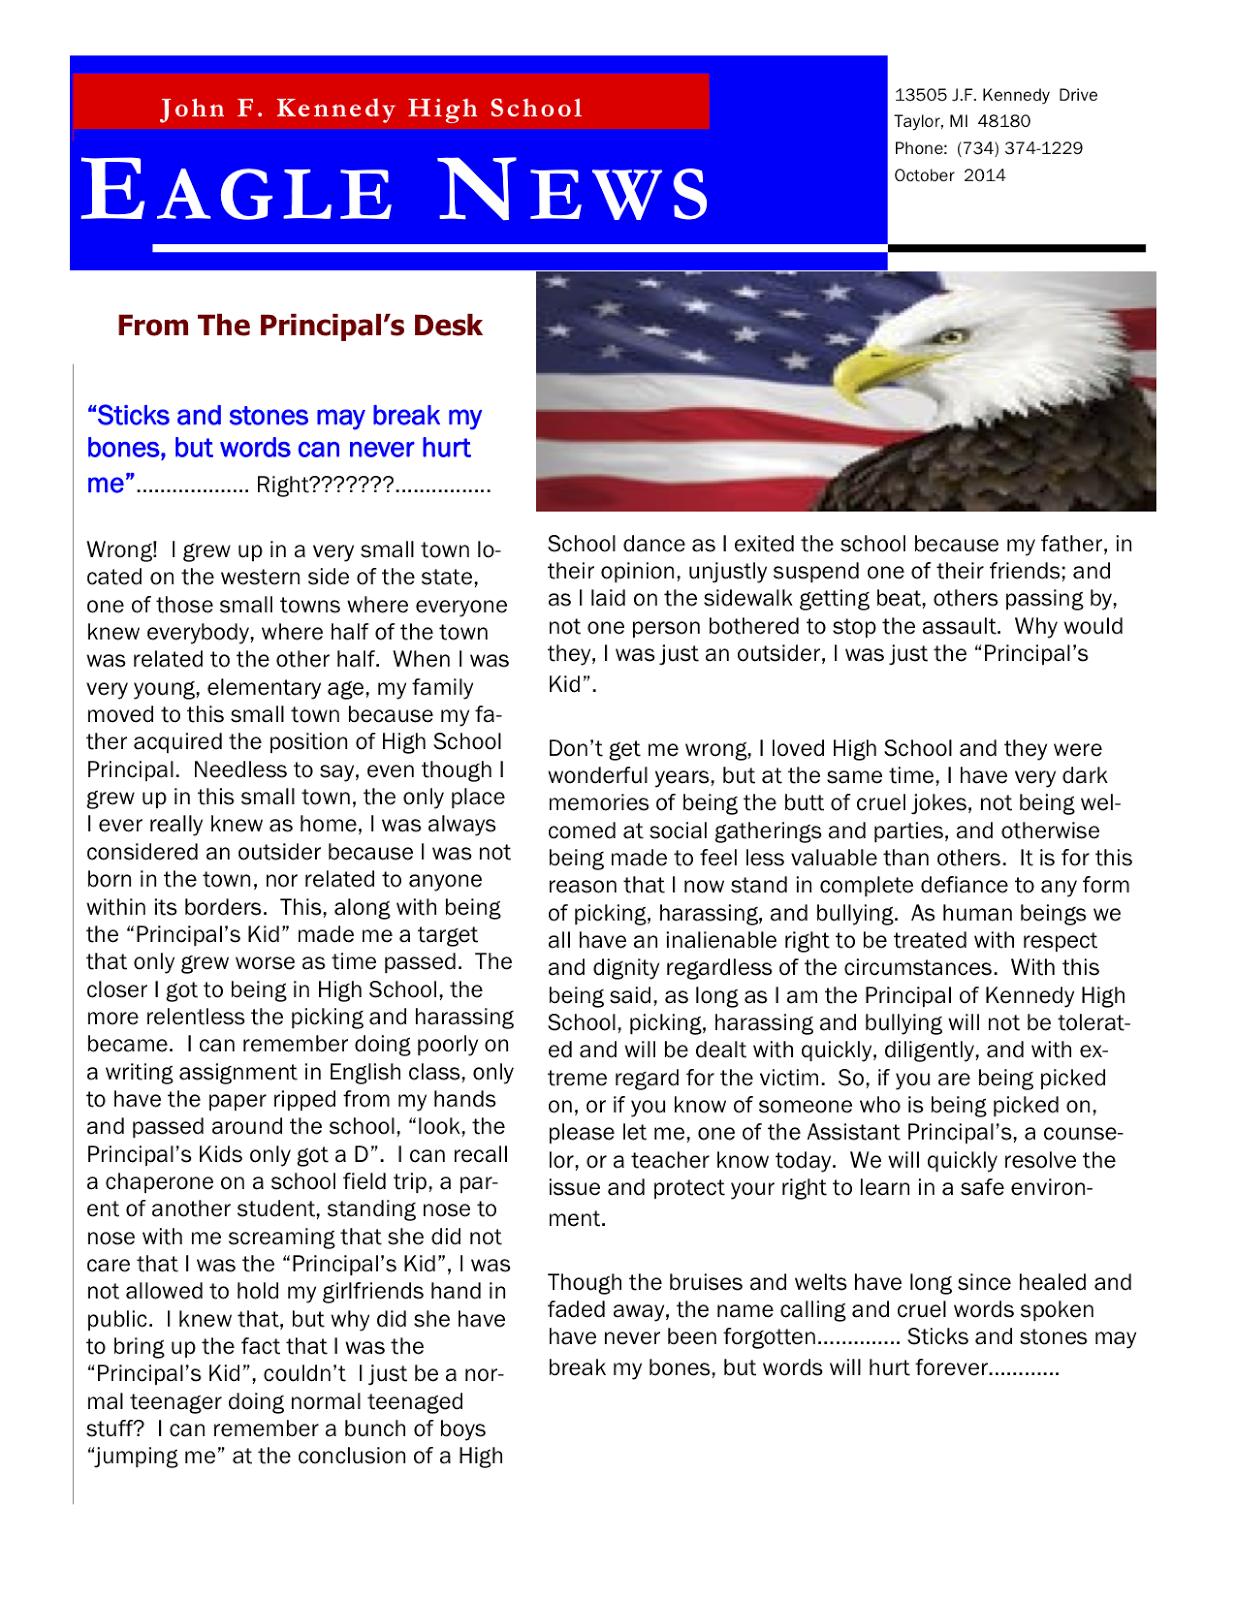 News Clerk Cover Letter Newsletter%252B10 OCT 14 1 News Clerk Cover  Letterhtml